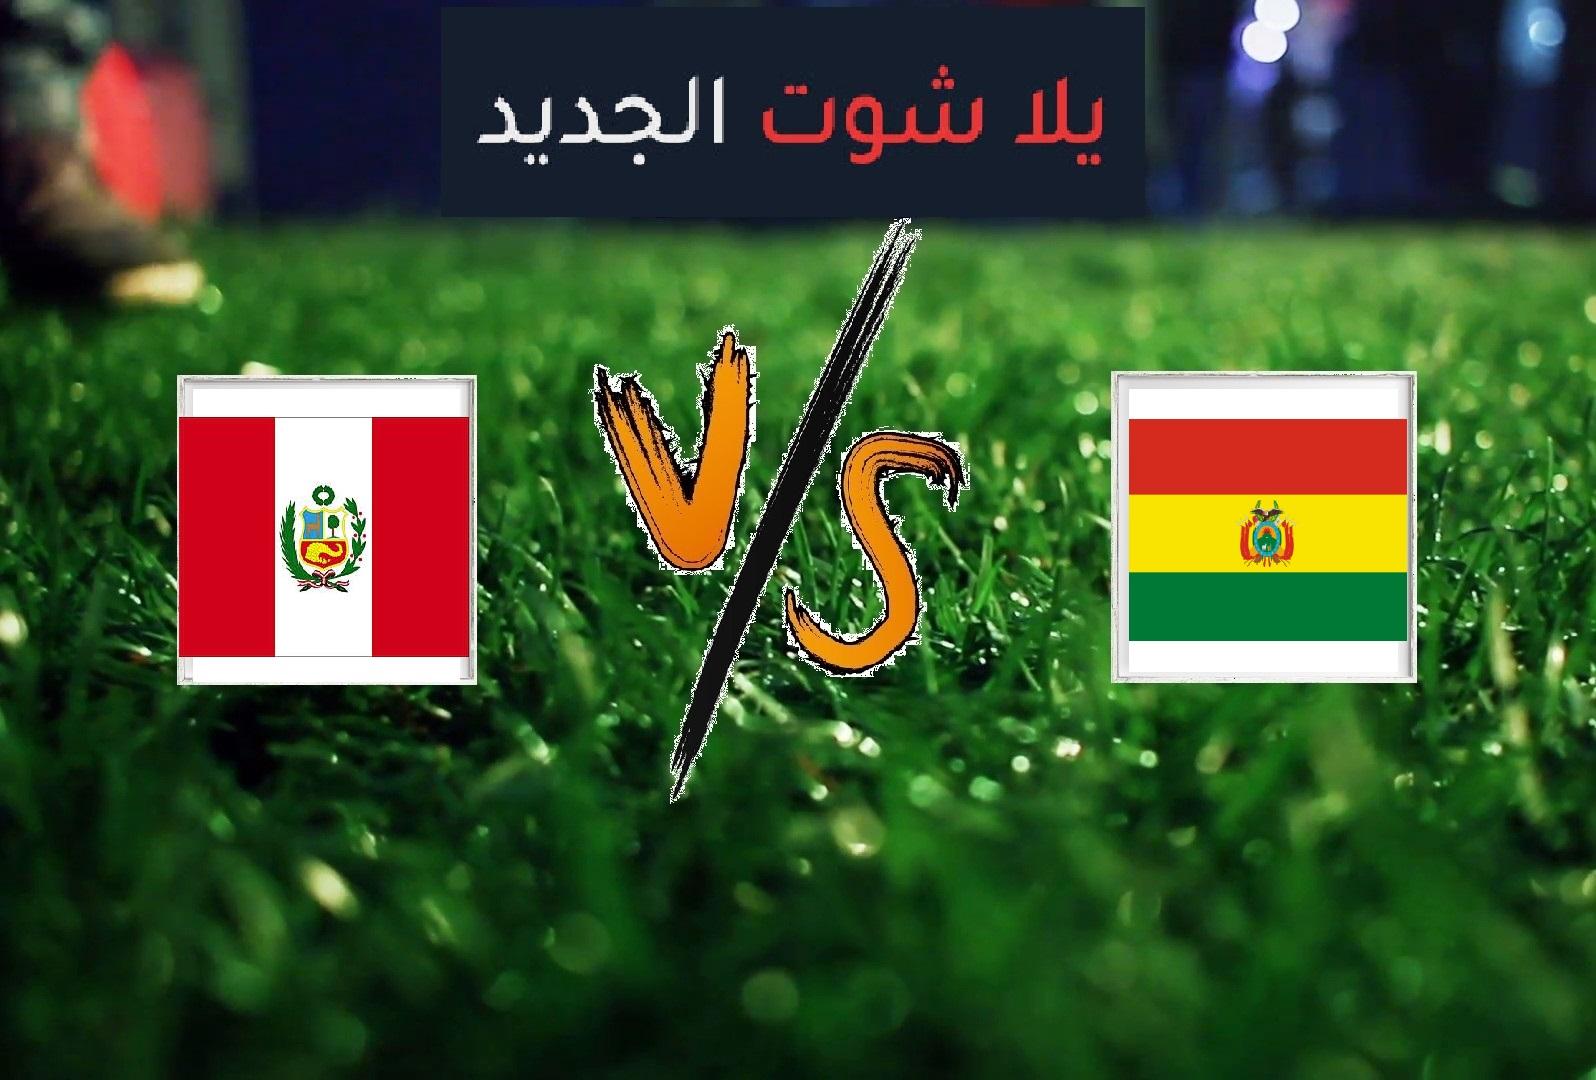 نتيجة مباراة بوليفيا وبيرو اليوم الثلاثاء 18-06-2019 كوبا امريكا